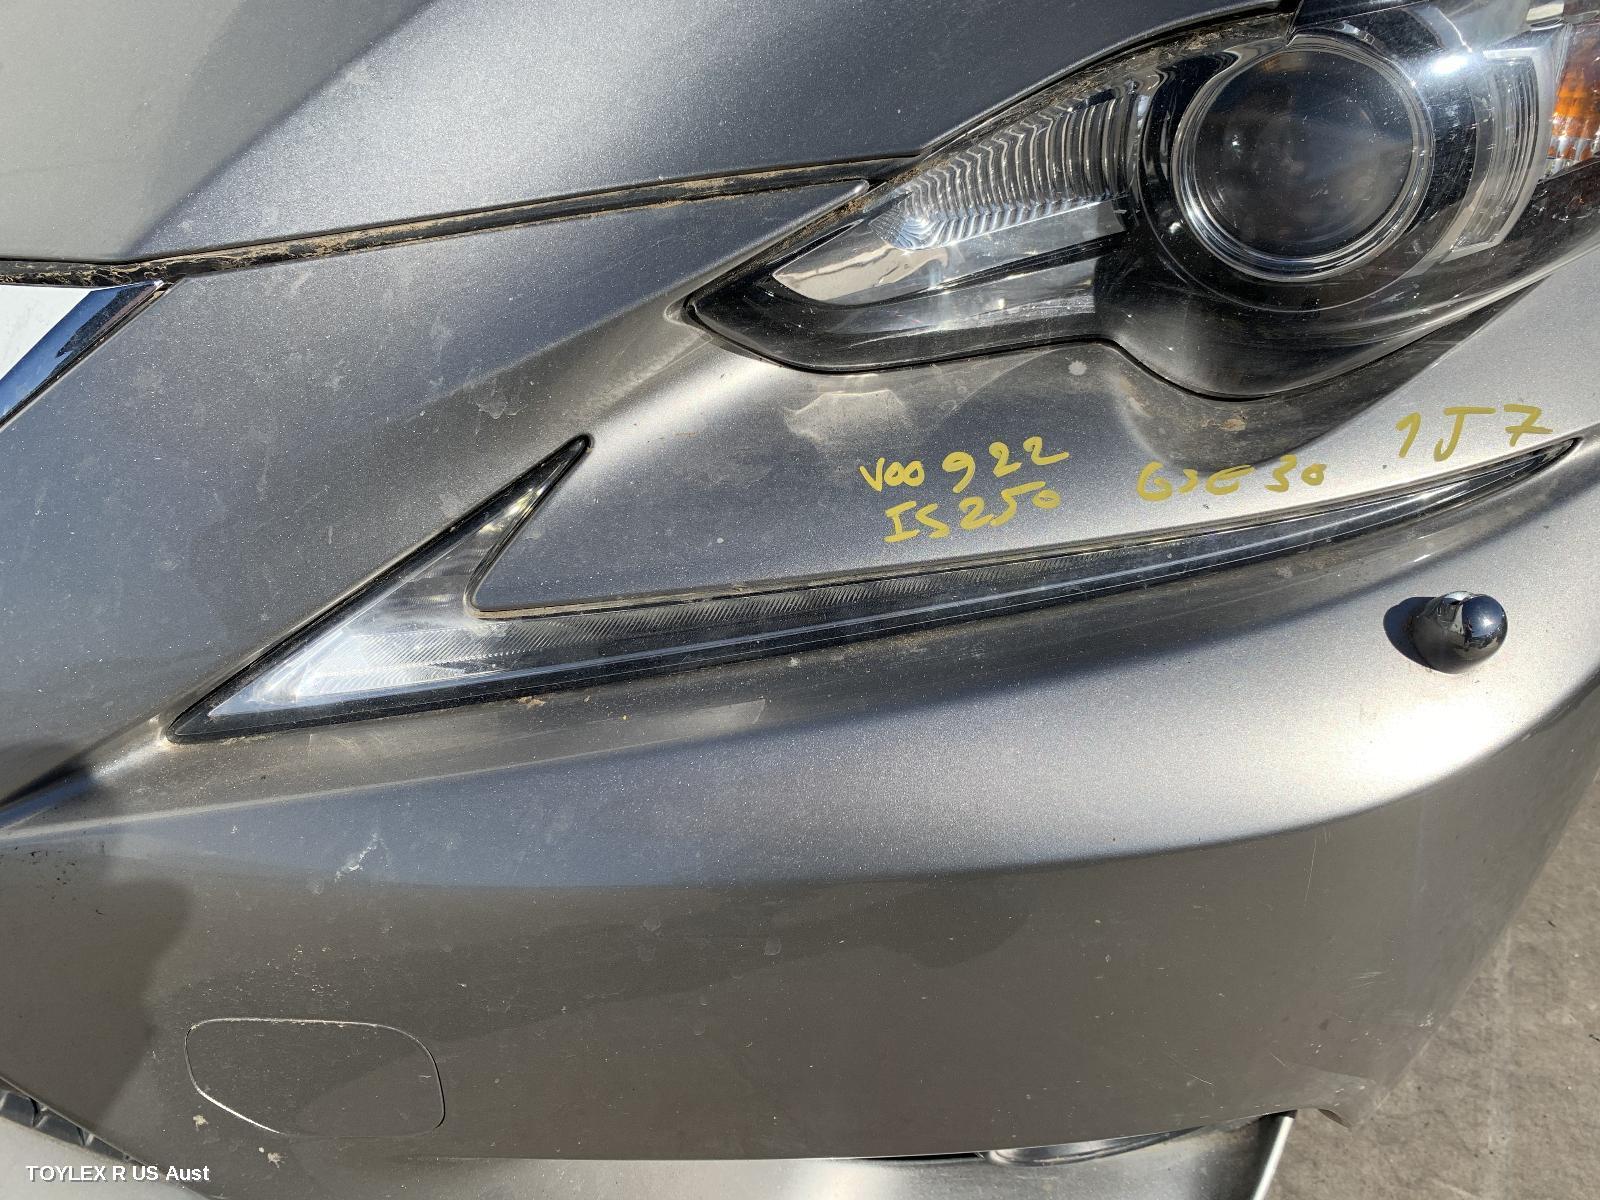 LEXUS IS SERIES, Left Indicator/Fog/Side, DAYTIME RUNNING LAMP, XE30, 04/13-09/16